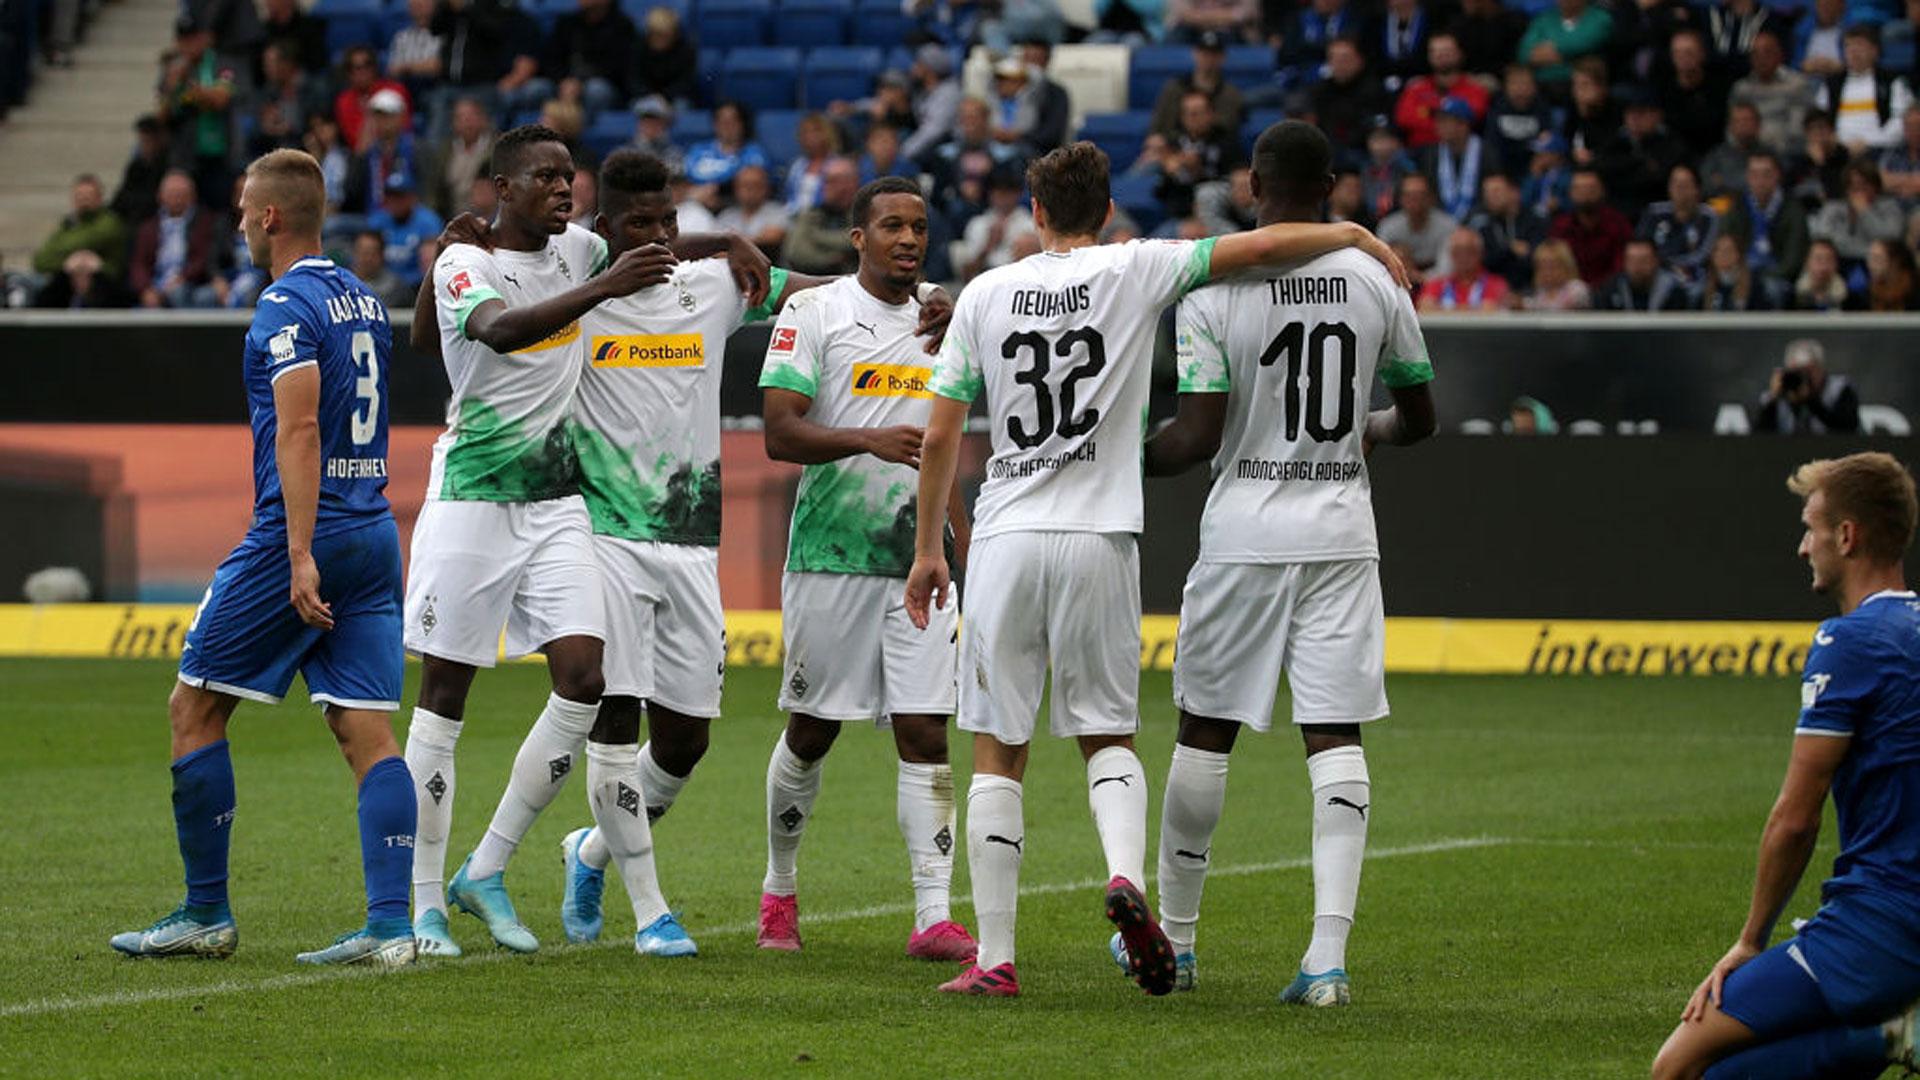 Wer zeigt / überträgt Basaksehir Istanbul vs. Gladbach (Borussia  Mönchengladbach) heute live im TV und LIVE-STREAM? | Goal.com